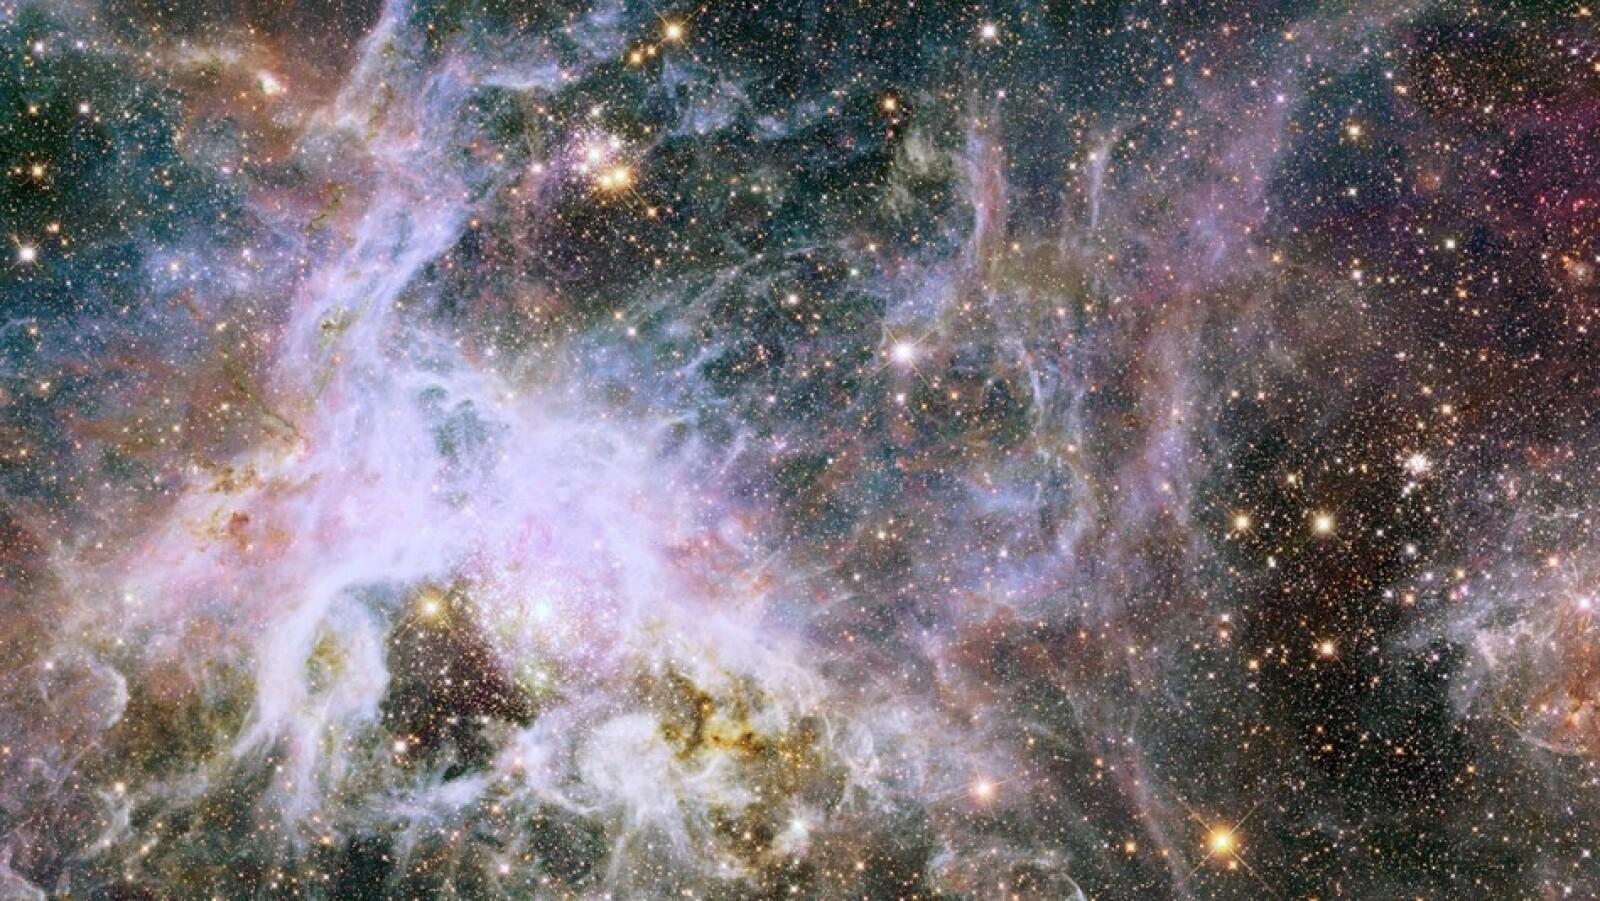 Los científicos del Hubble dicen que esta es la mejor vista de la Nébula Tarántula